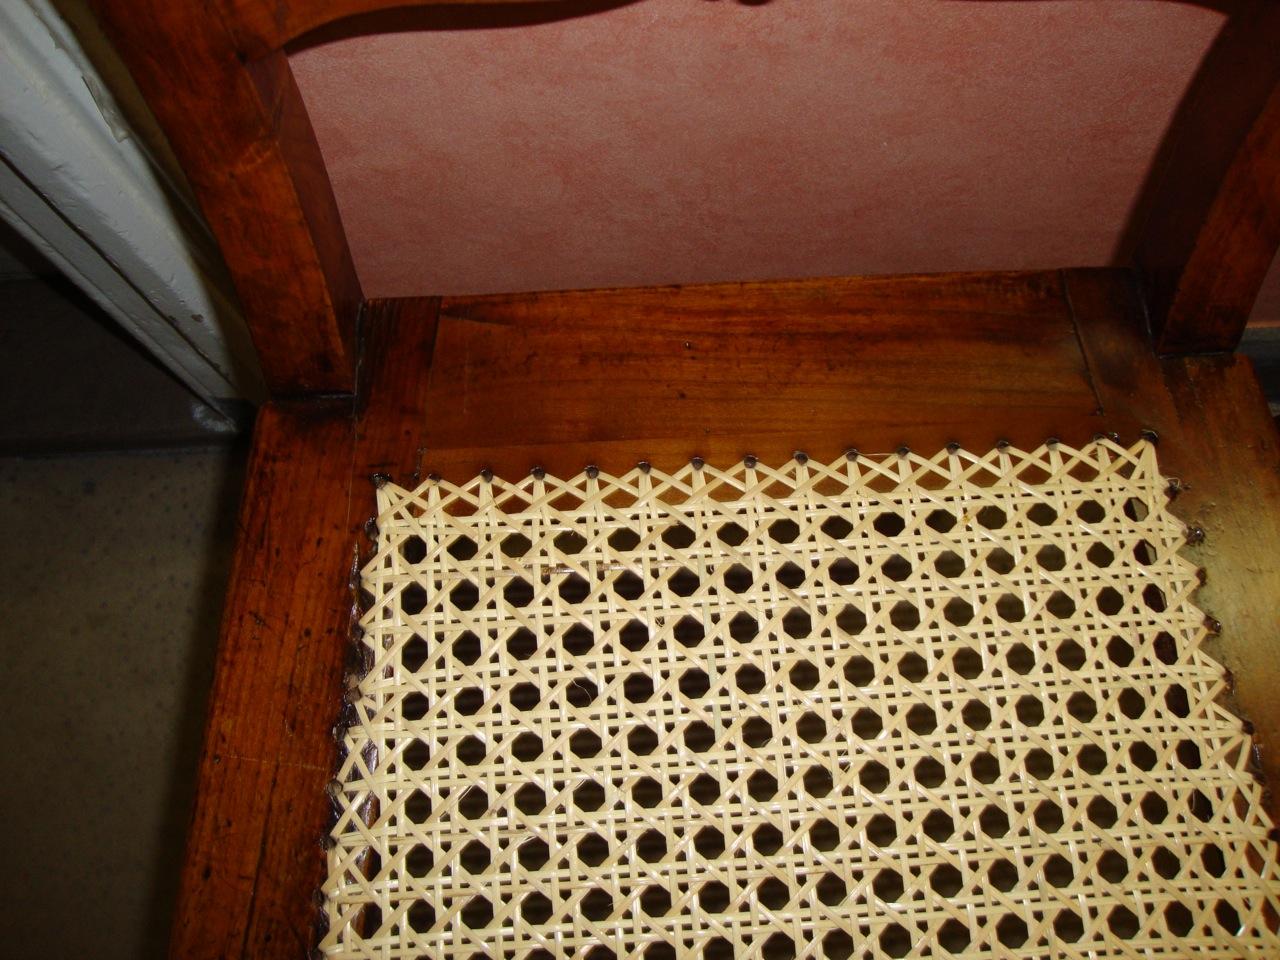 m bel reparatur hamburg ein stuhl mit korbgeflecht wird repariert tischlerei hamburg. Black Bedroom Furniture Sets. Home Design Ideas